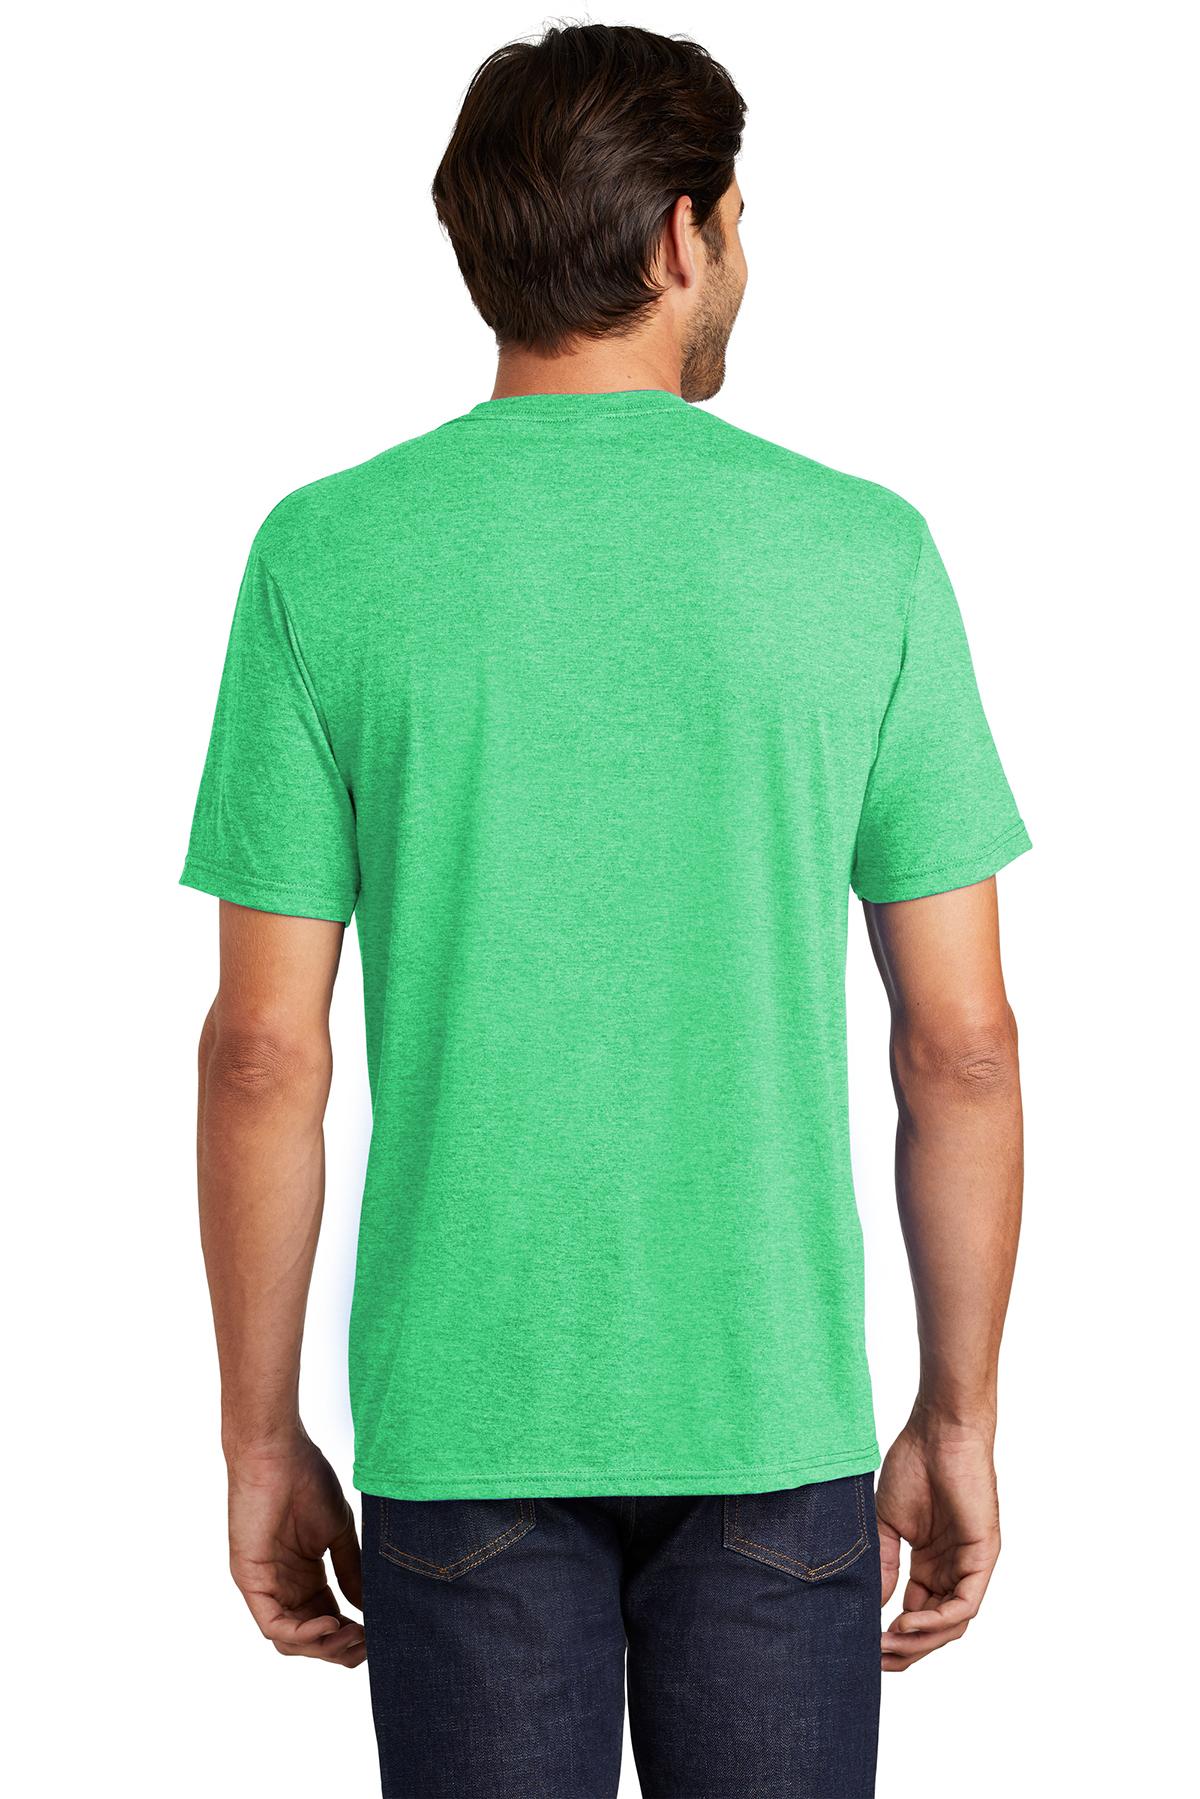 b07822350bf2b District ® Perfect Tri ® Tee | Fashion | T-Shirts | SanMar